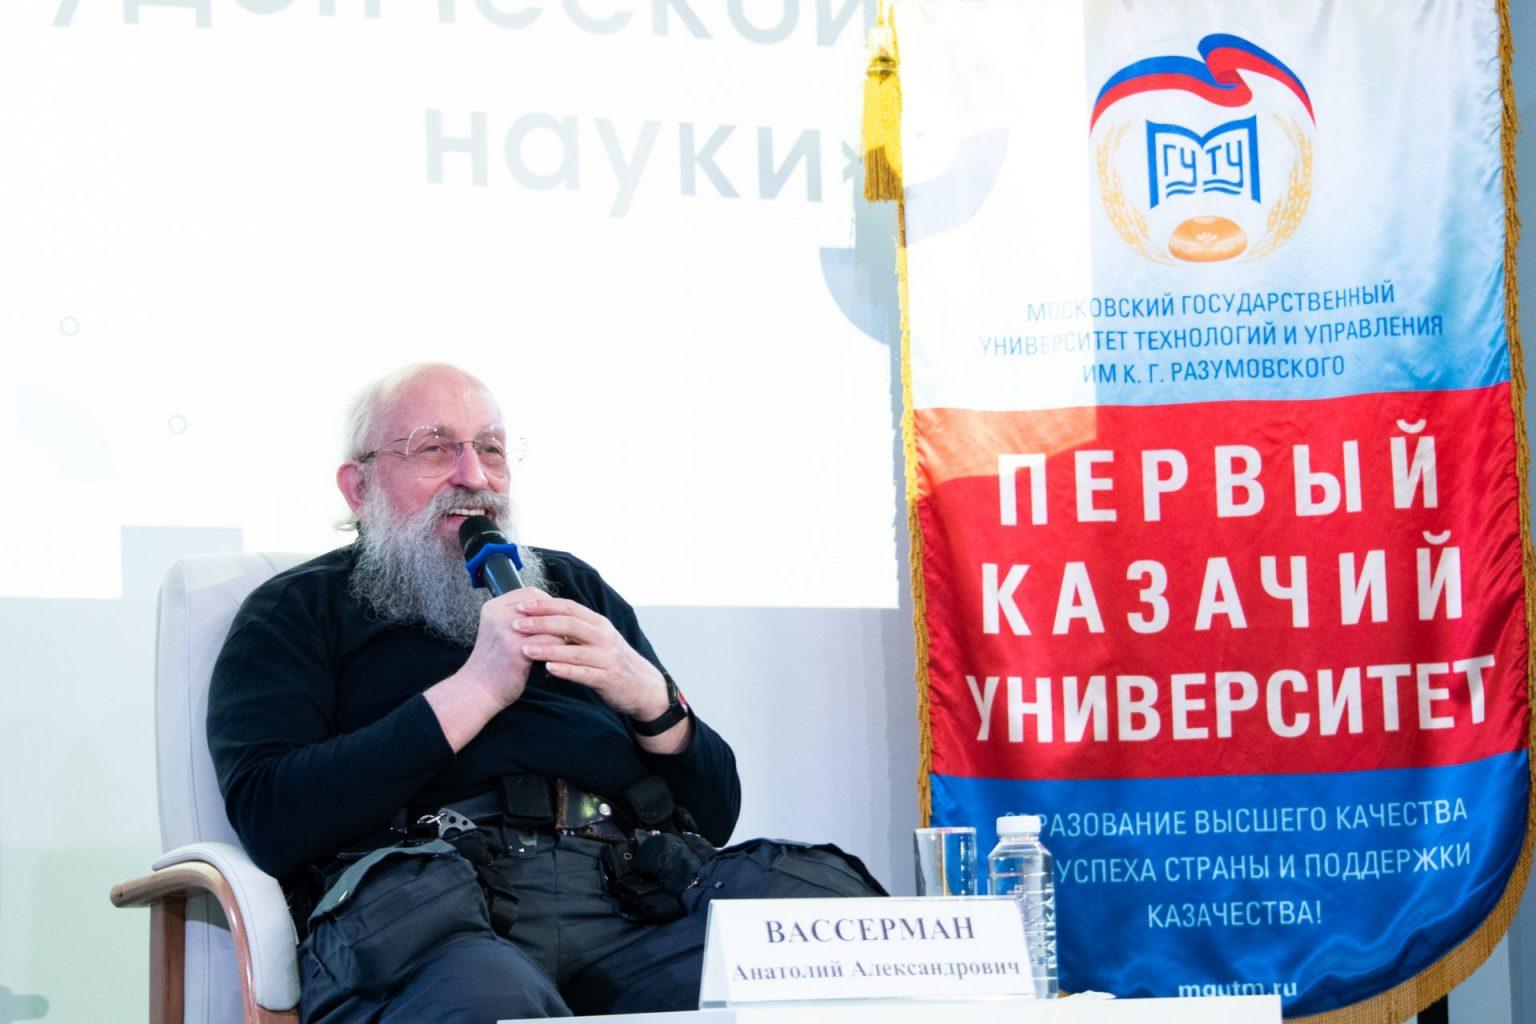 Анатолий Вассерман: «Надо самому себе ставить задачи на пределе возможностей»